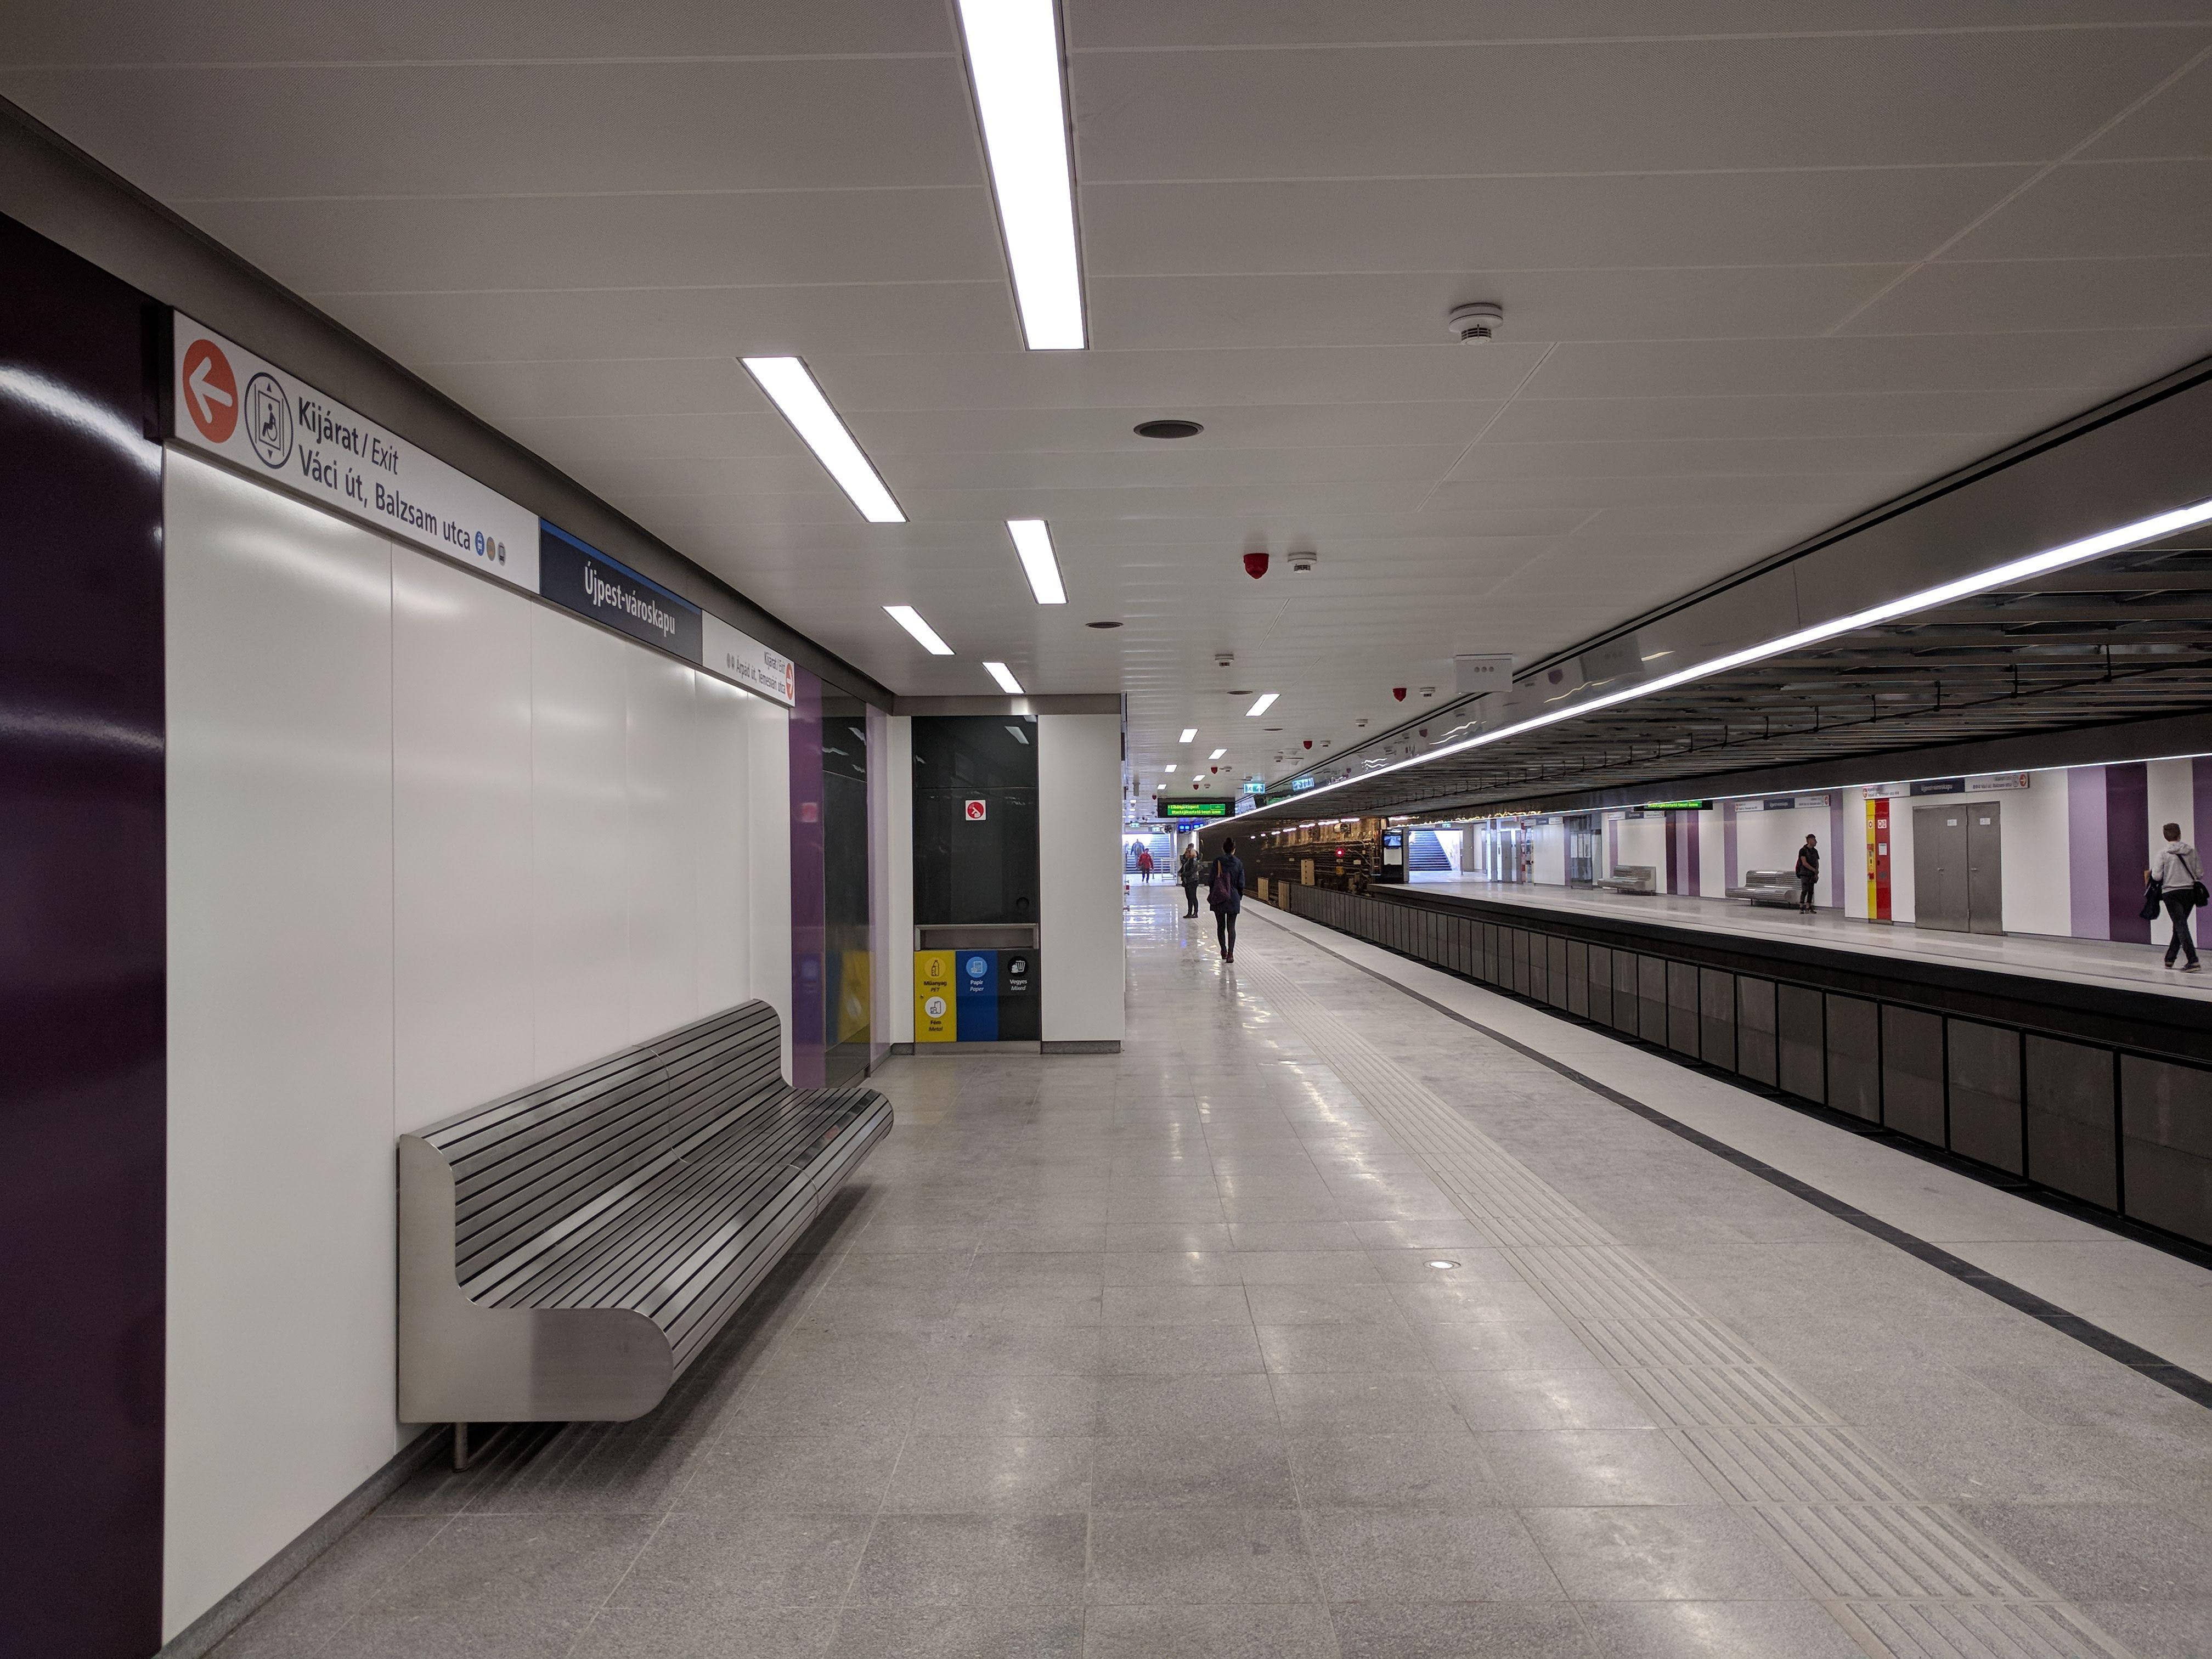 Újpest-városkapu meghatározó színeit nem kellett sokáig keresni. Az állomás visszafogott, mértéktartó lett, szerintem jól sikerült. A lila-fehér fém falburkolathoz fehér fém álmennyezet társul, a világítás pedig az álmennyezetben kapott helyet.